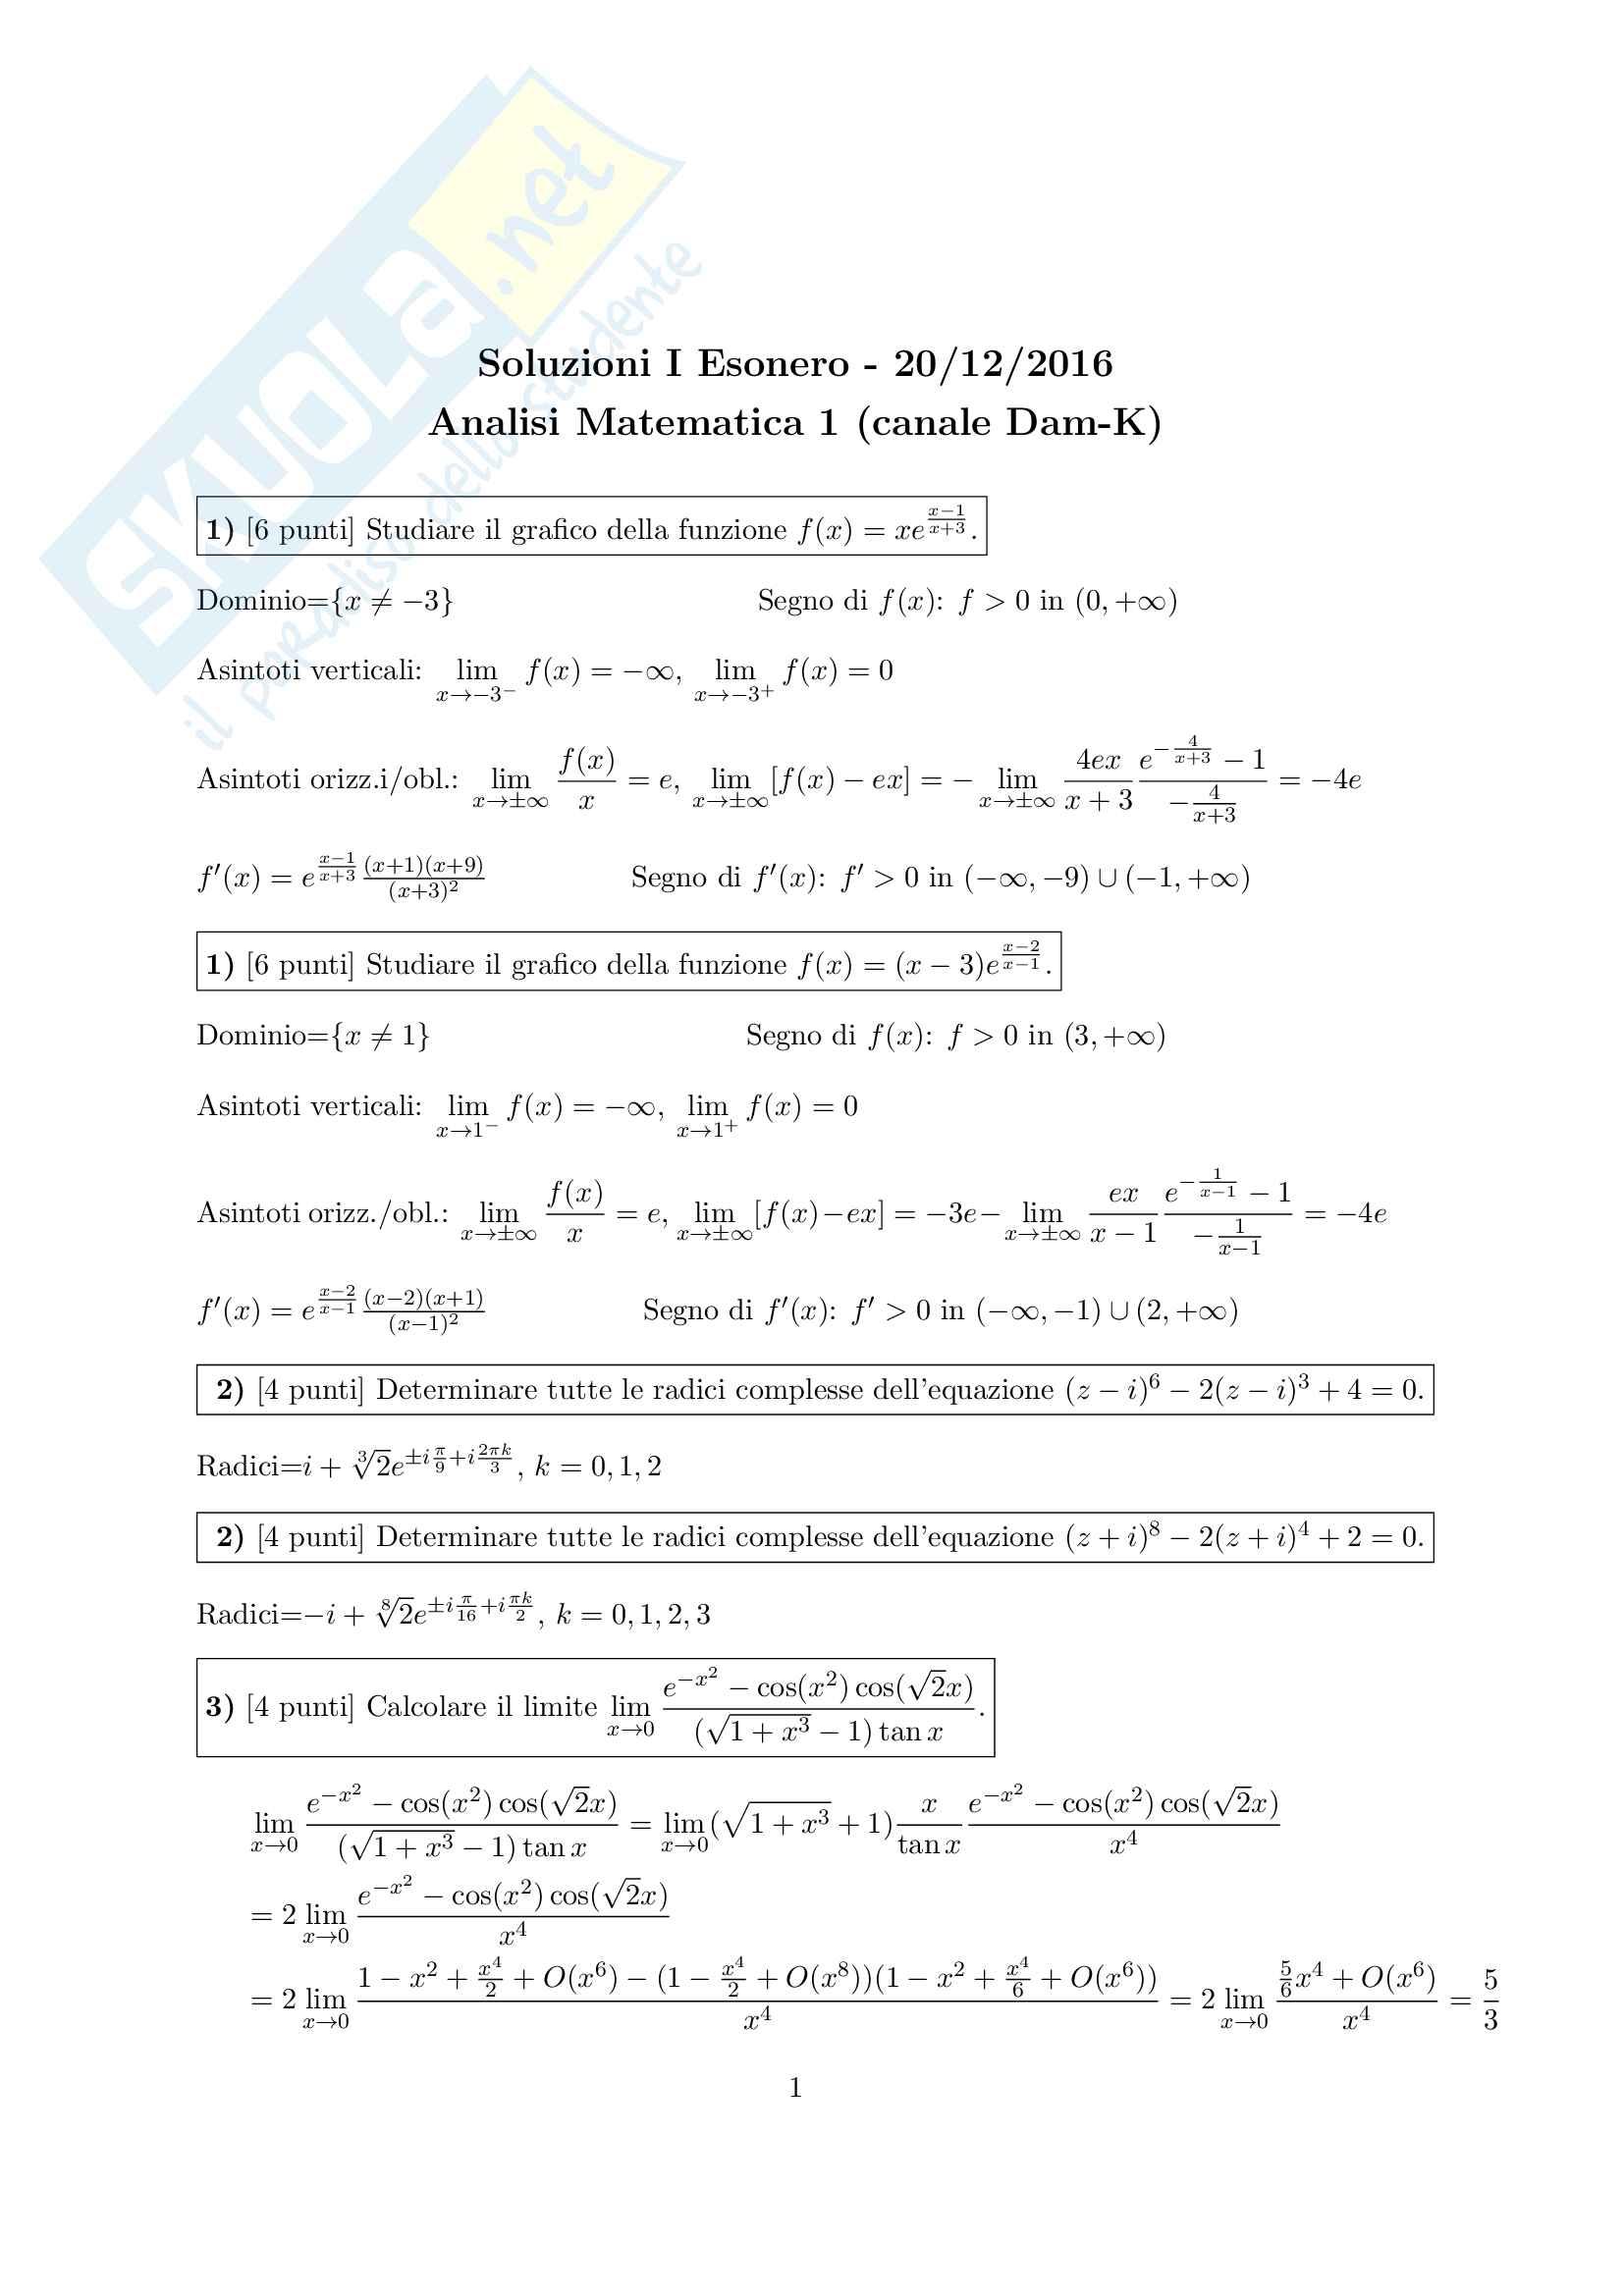 Testi d'esame con soluzioni - Analisi Matematica 1